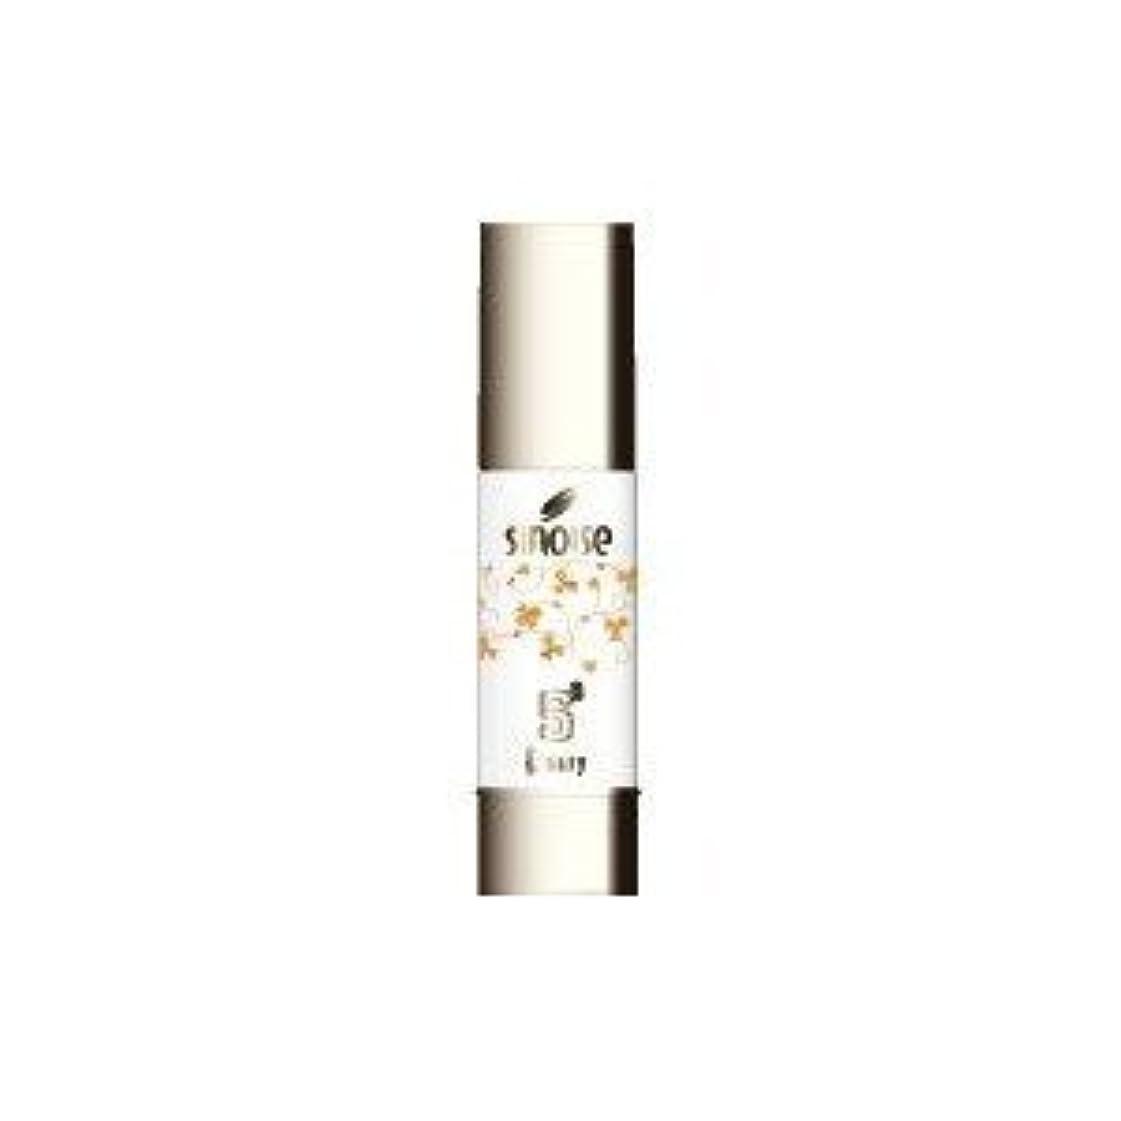 ステレオタイプ懐疑的研磨剤Sinary(シナリー) シノワーズ S8 美肌クリーム 35g